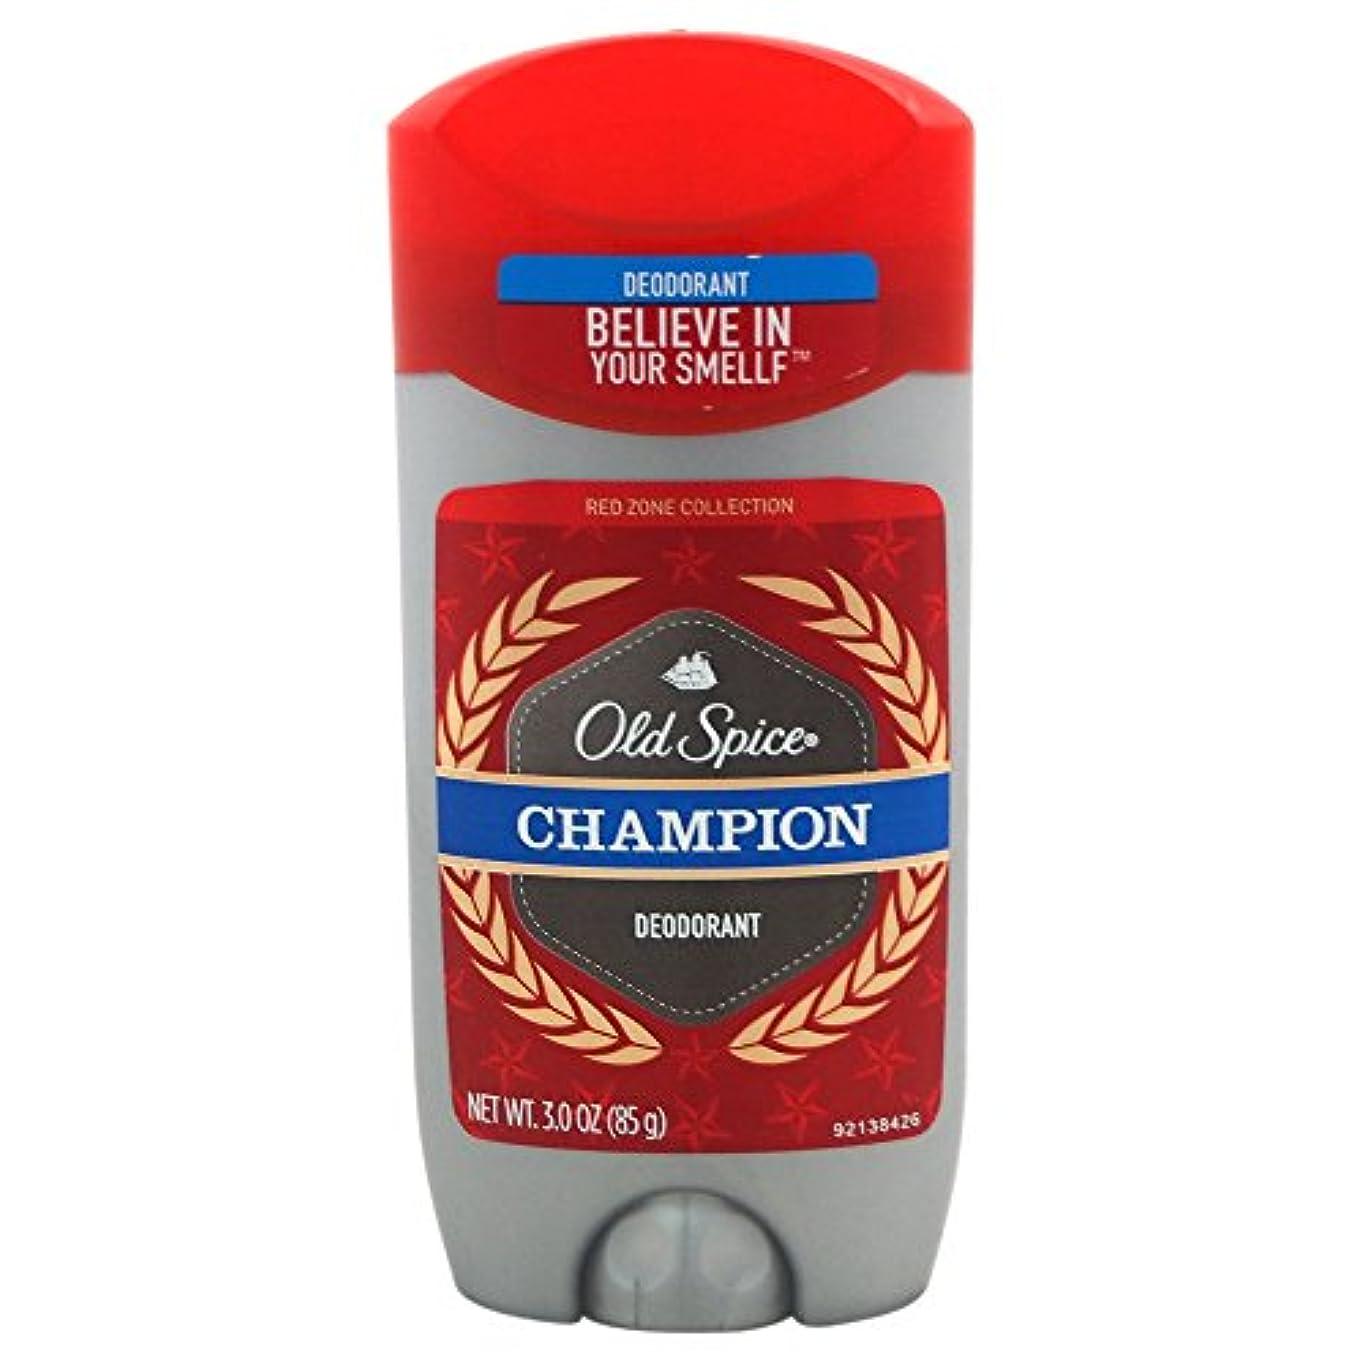 余剰浮浪者滅多オールドスパイス(Old Spice) Deodorant デオドラント Red zone CHAMPION/チャンピョン 85g [並行輸入品]